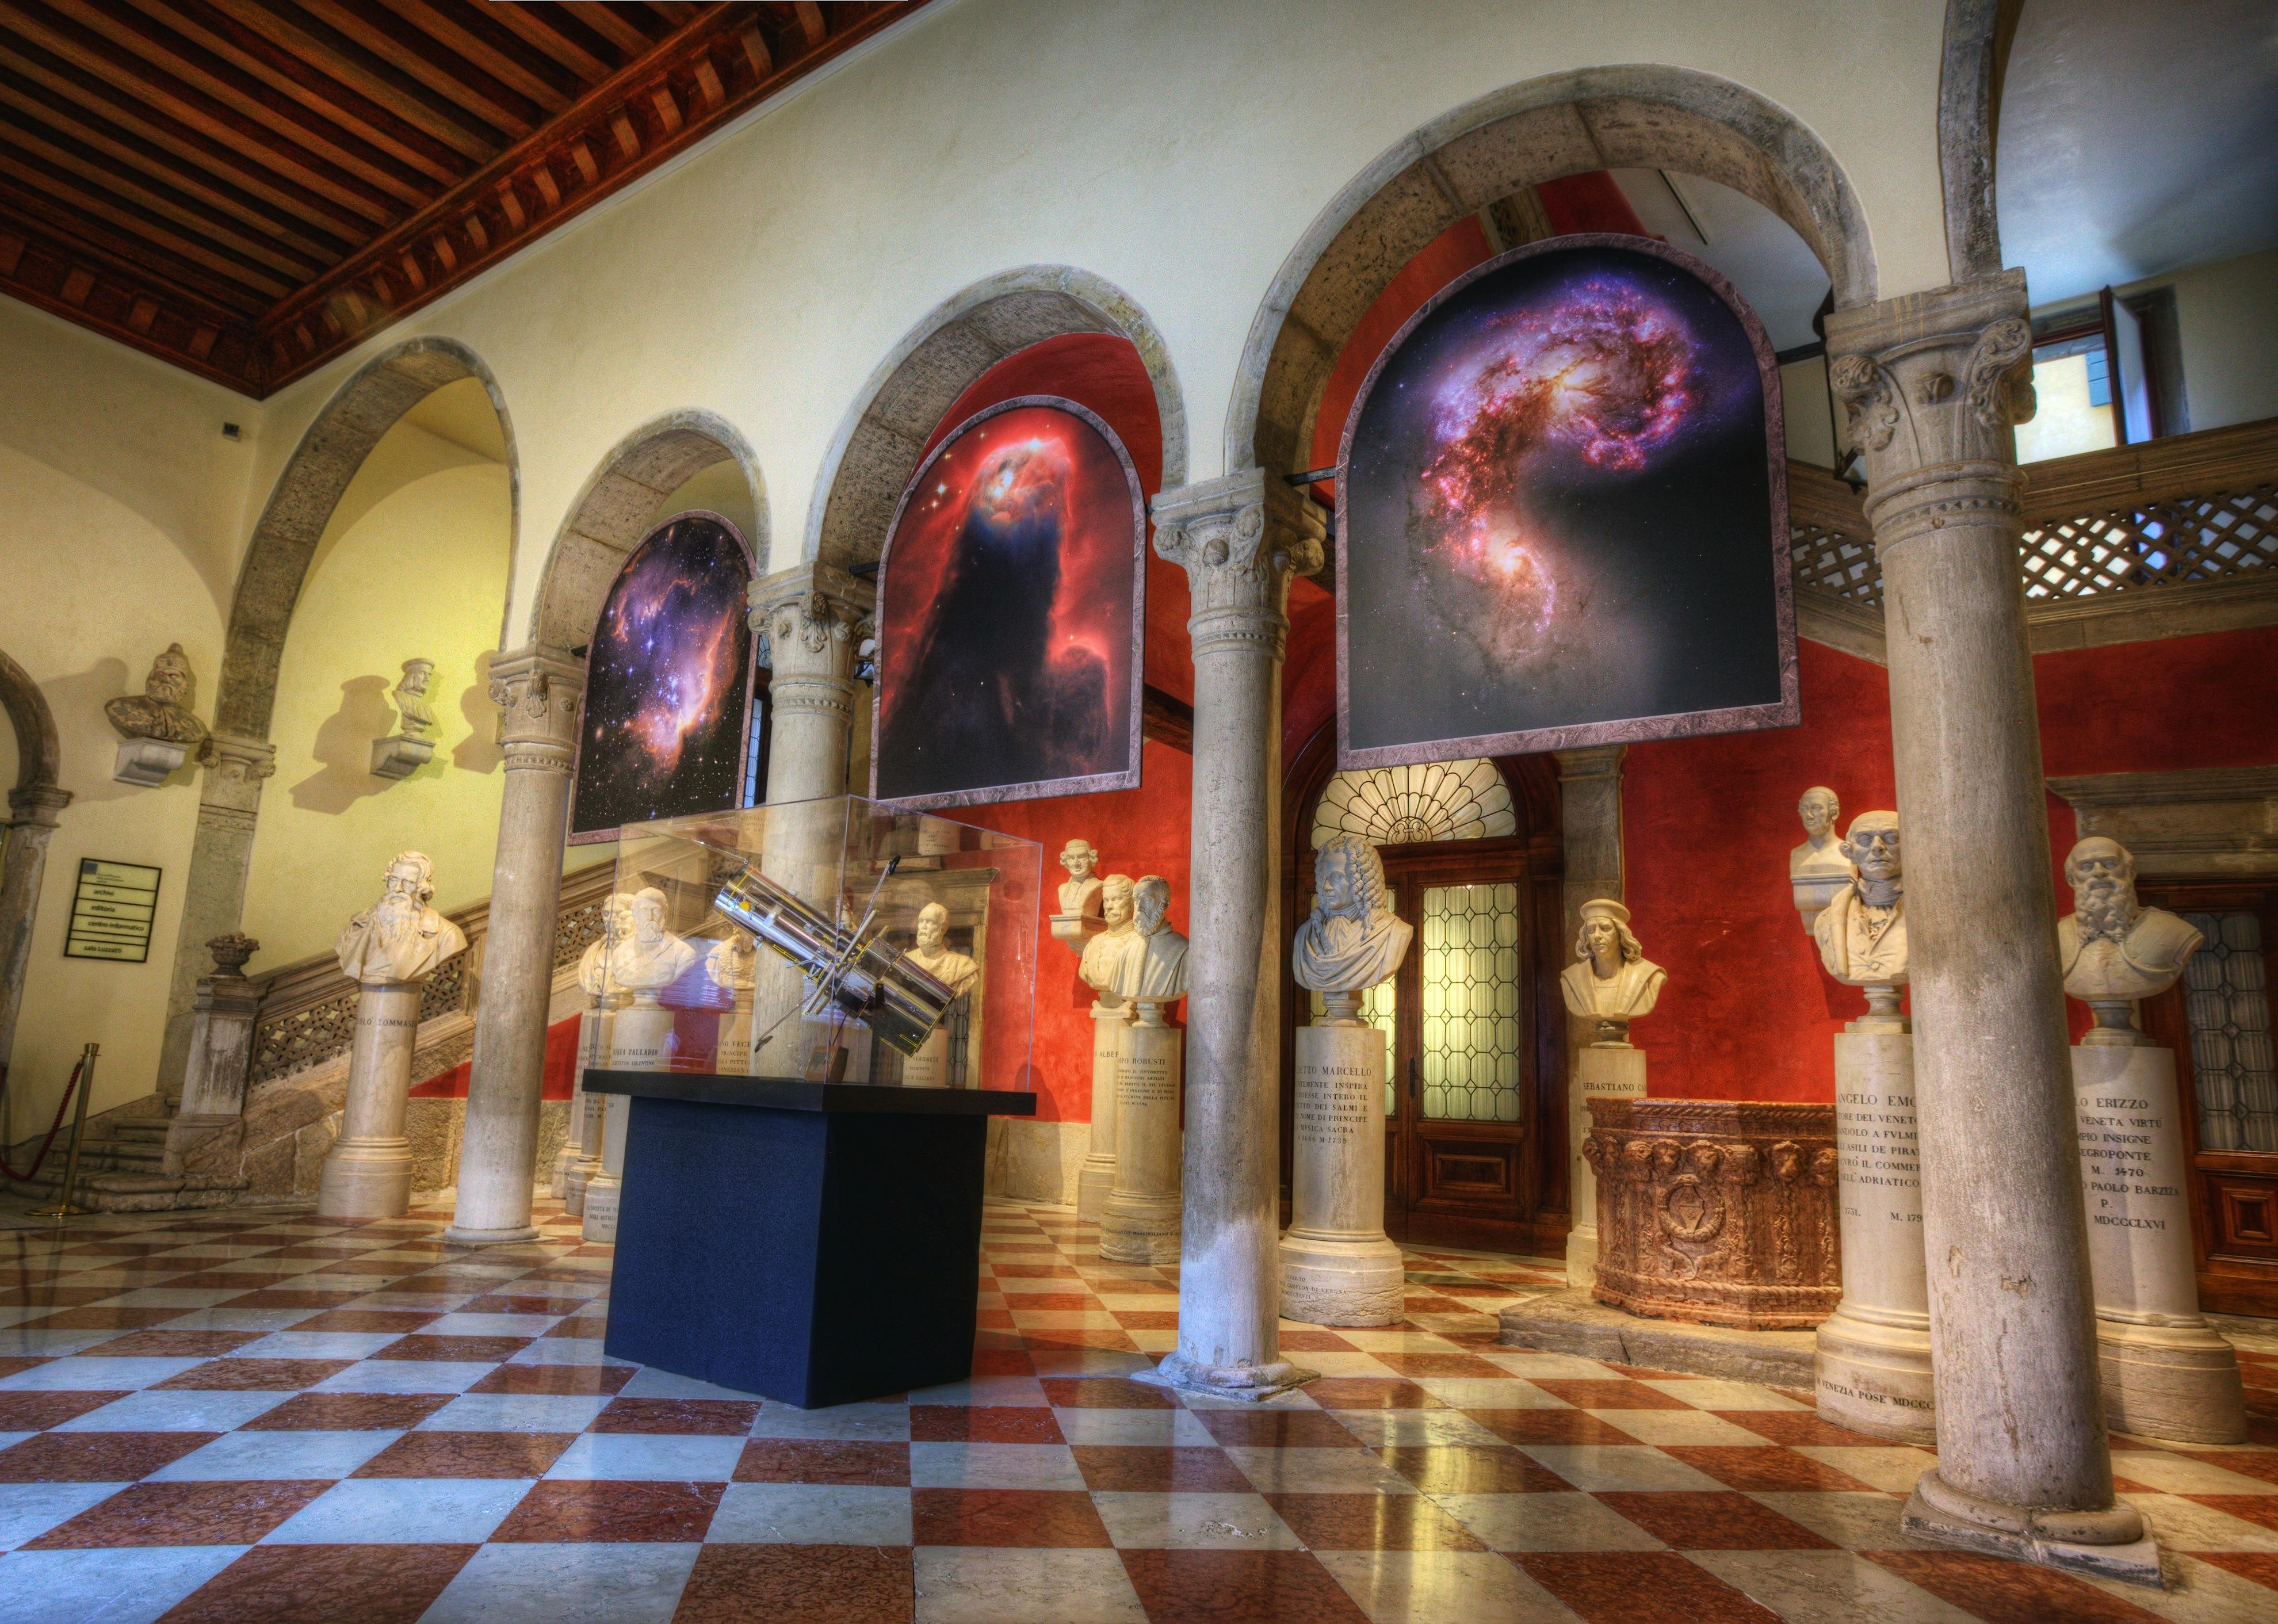 Innenarchitektur Geschichte kostenlose foto die architektur innere gebäude museum